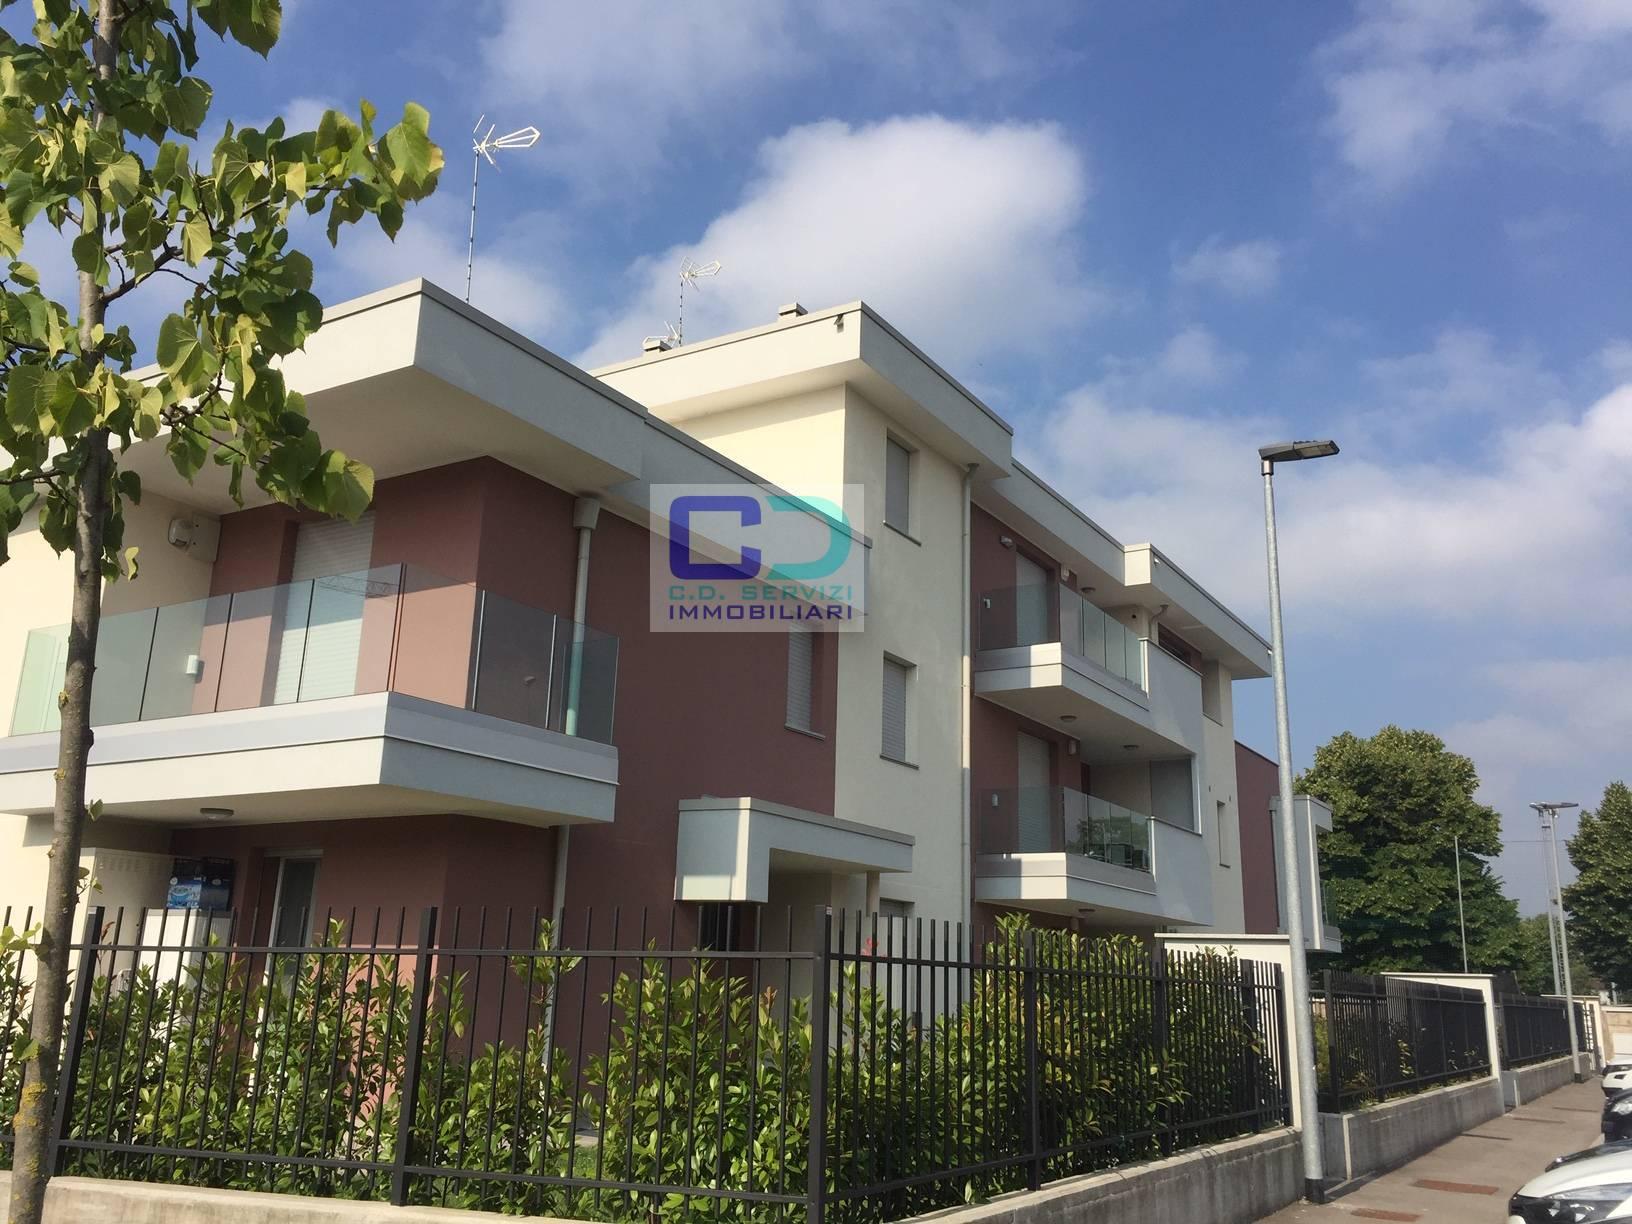 Appartamento in vendita a Inzago, 3 locali, prezzo € 258.000 | PortaleAgenzieImmobiliari.it